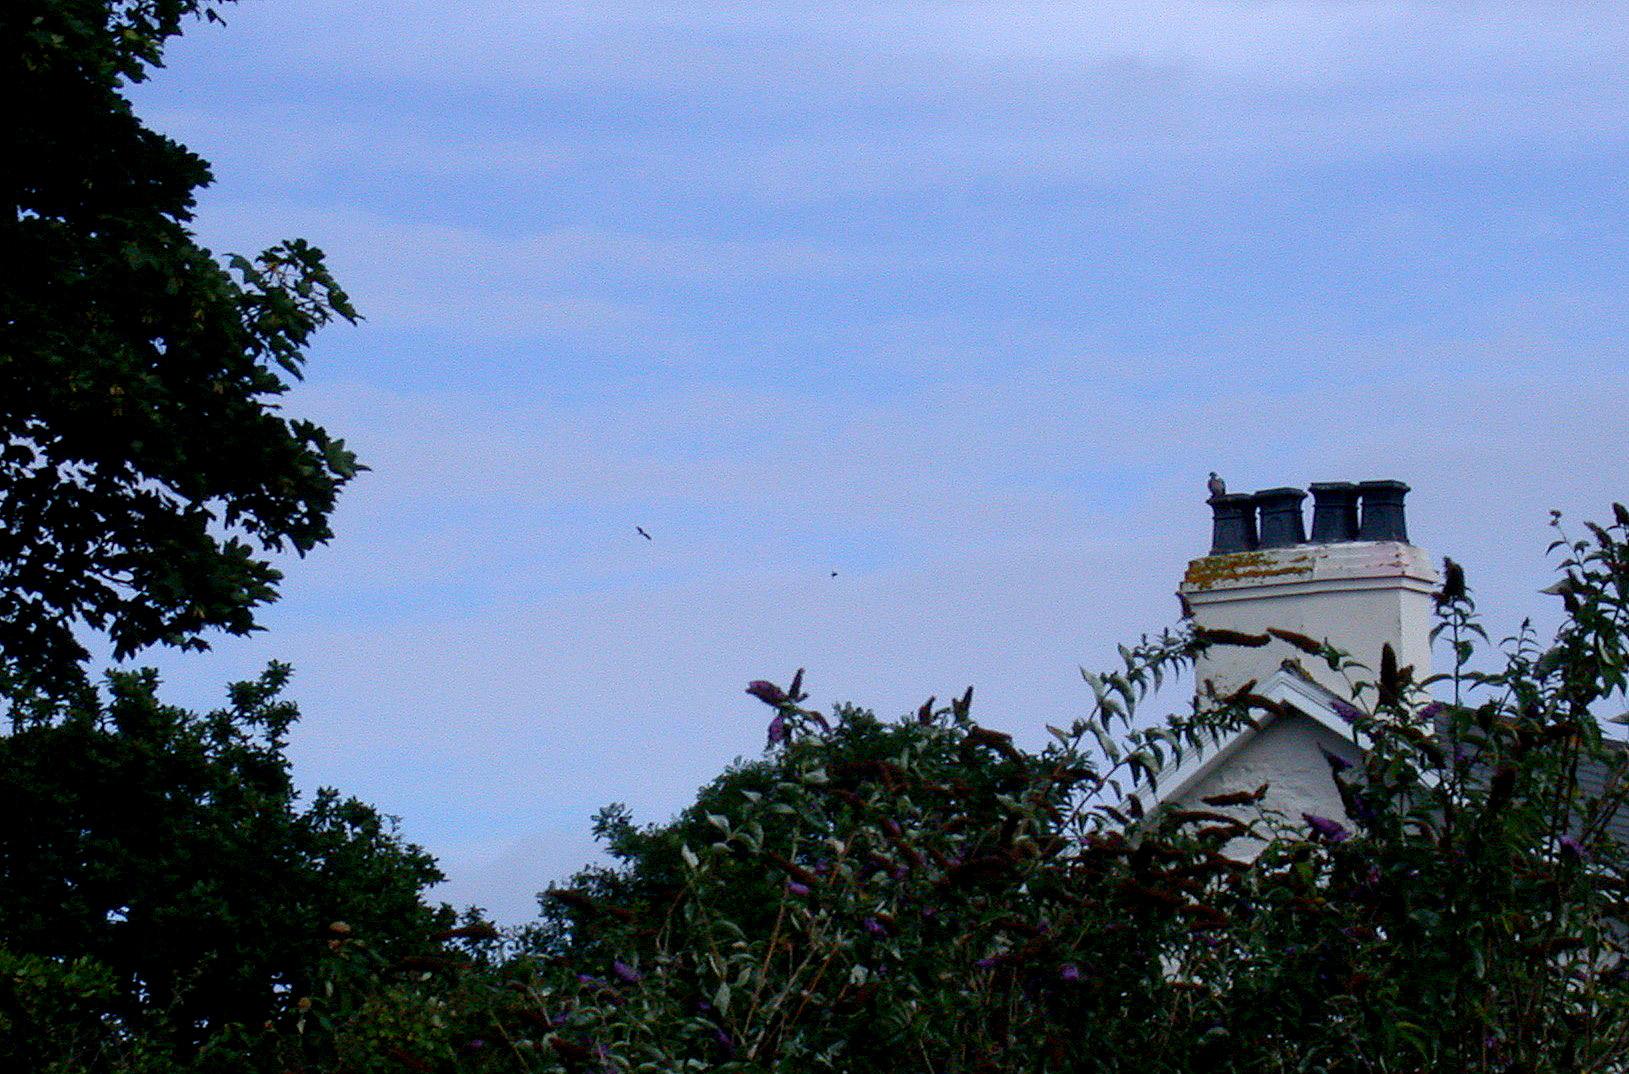 Black Storks - from garden - Aug 10